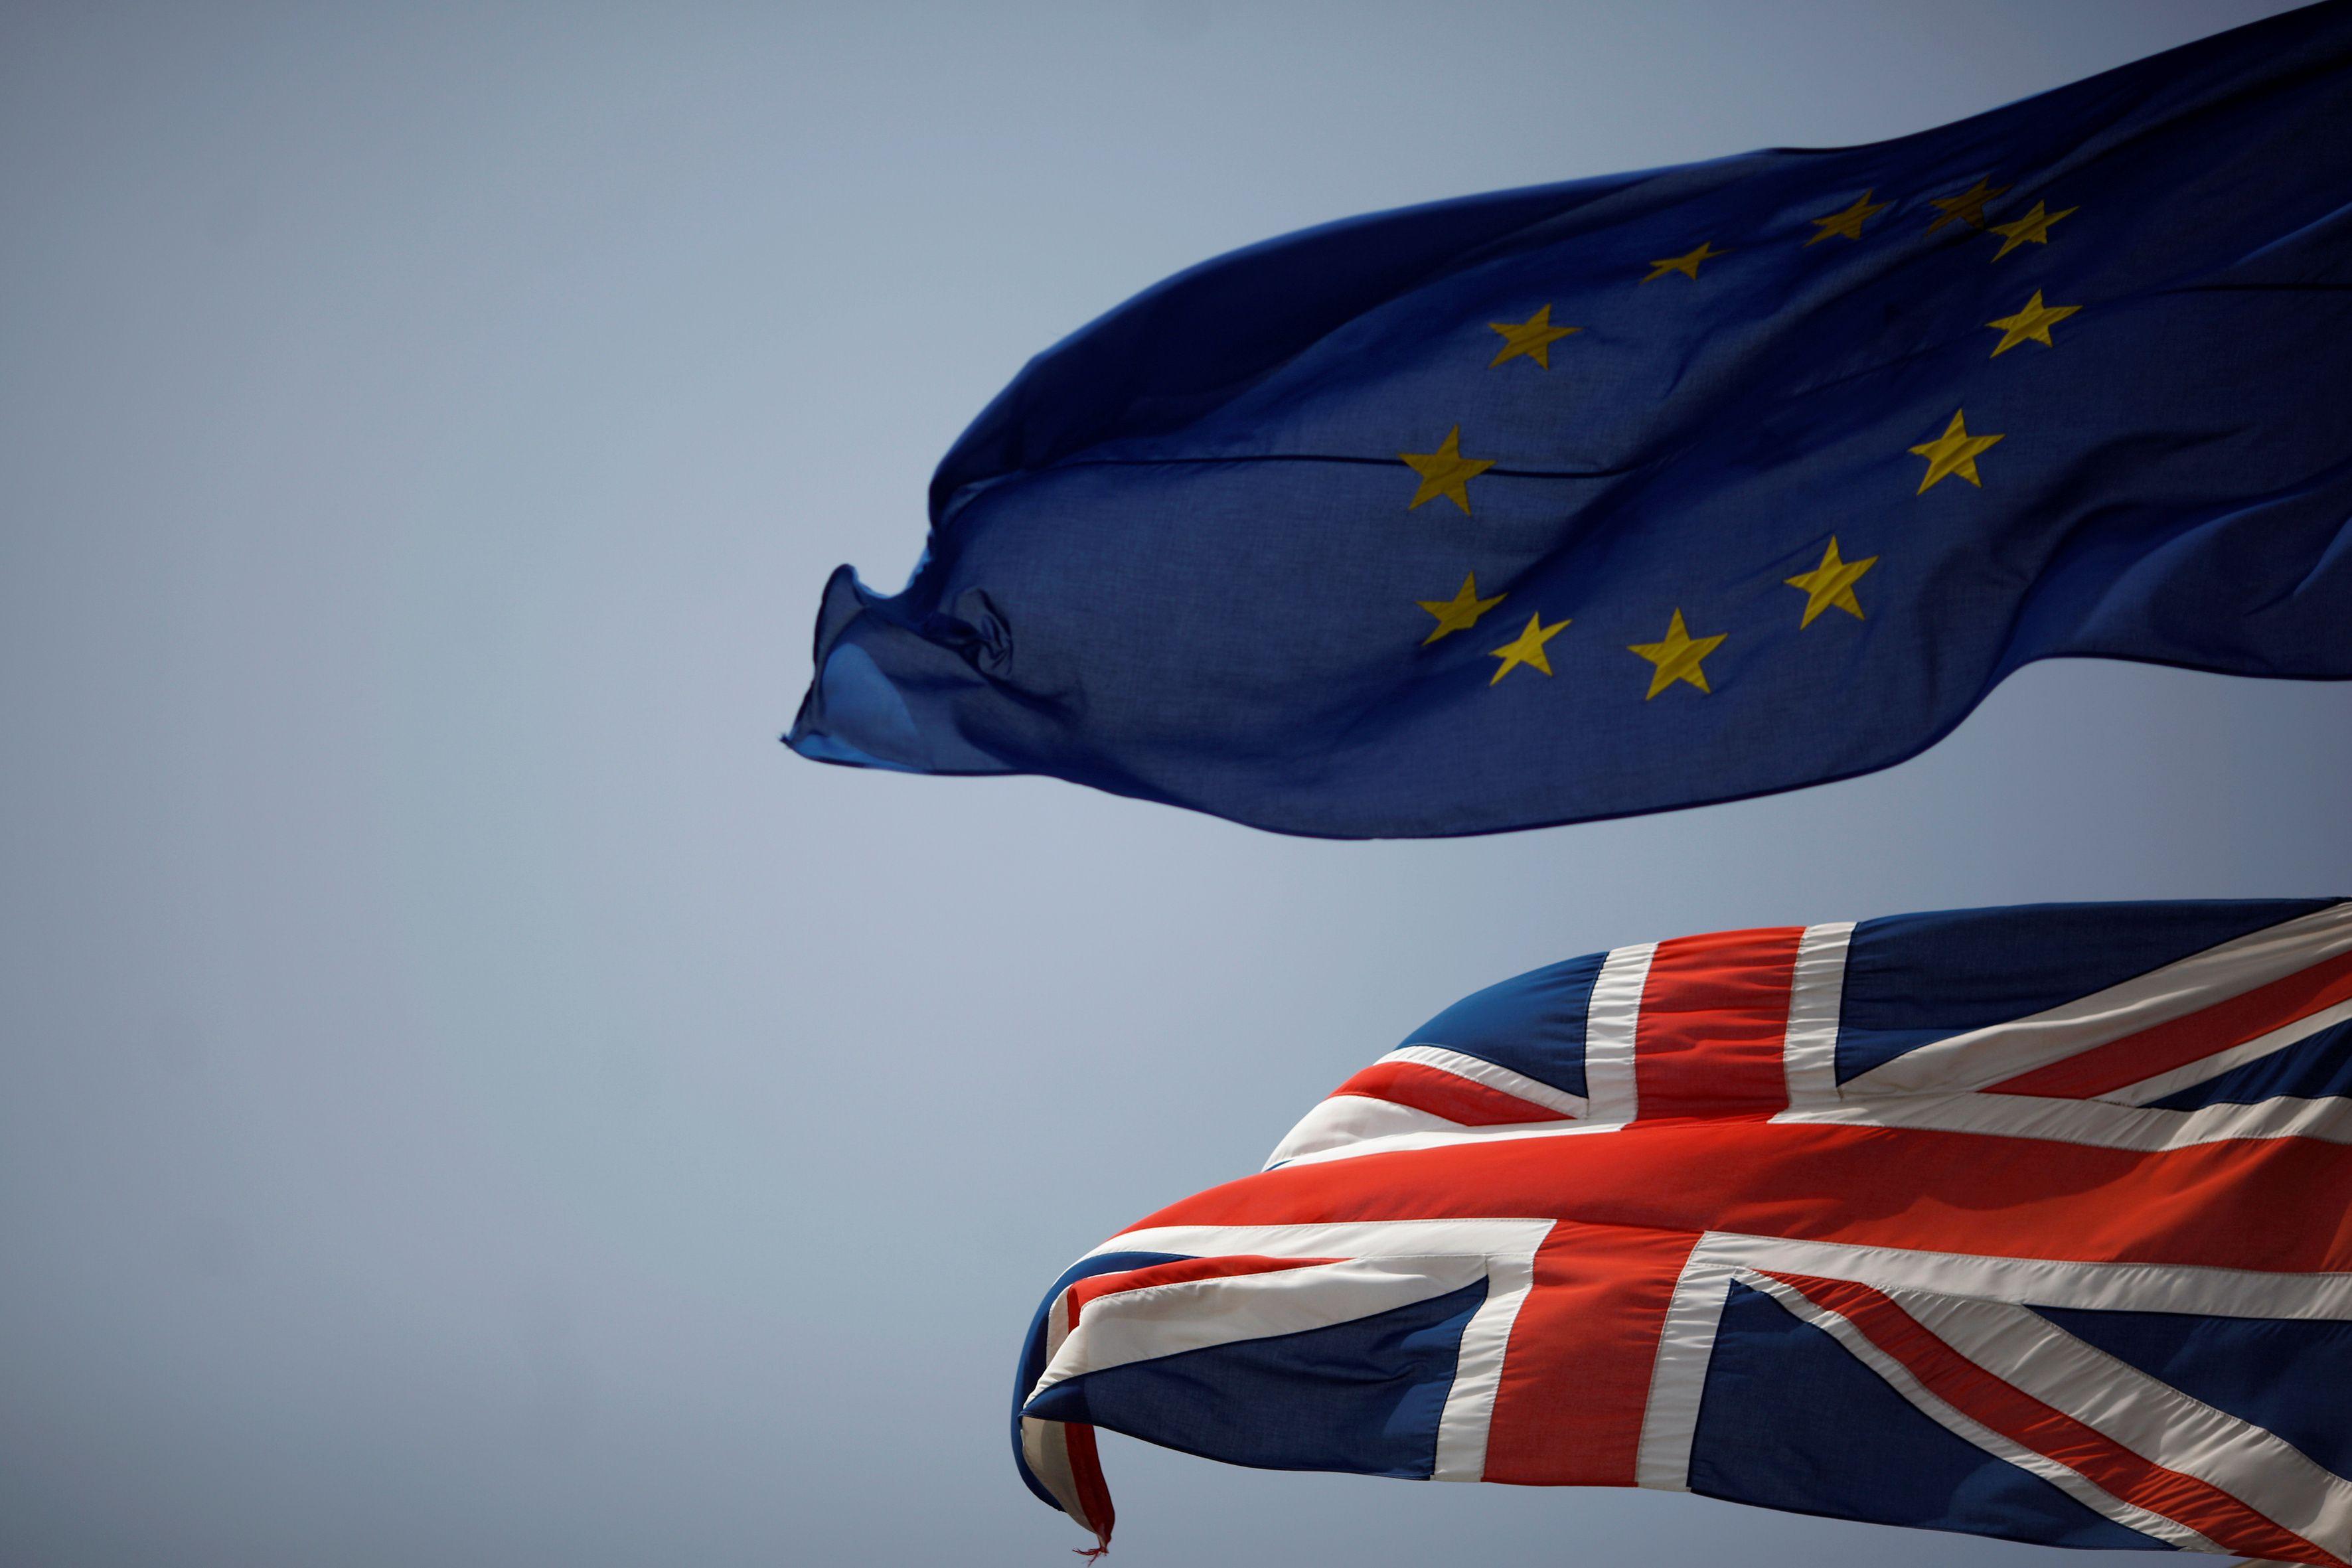 Vers un Brexit à 20 milliards d'euros ?